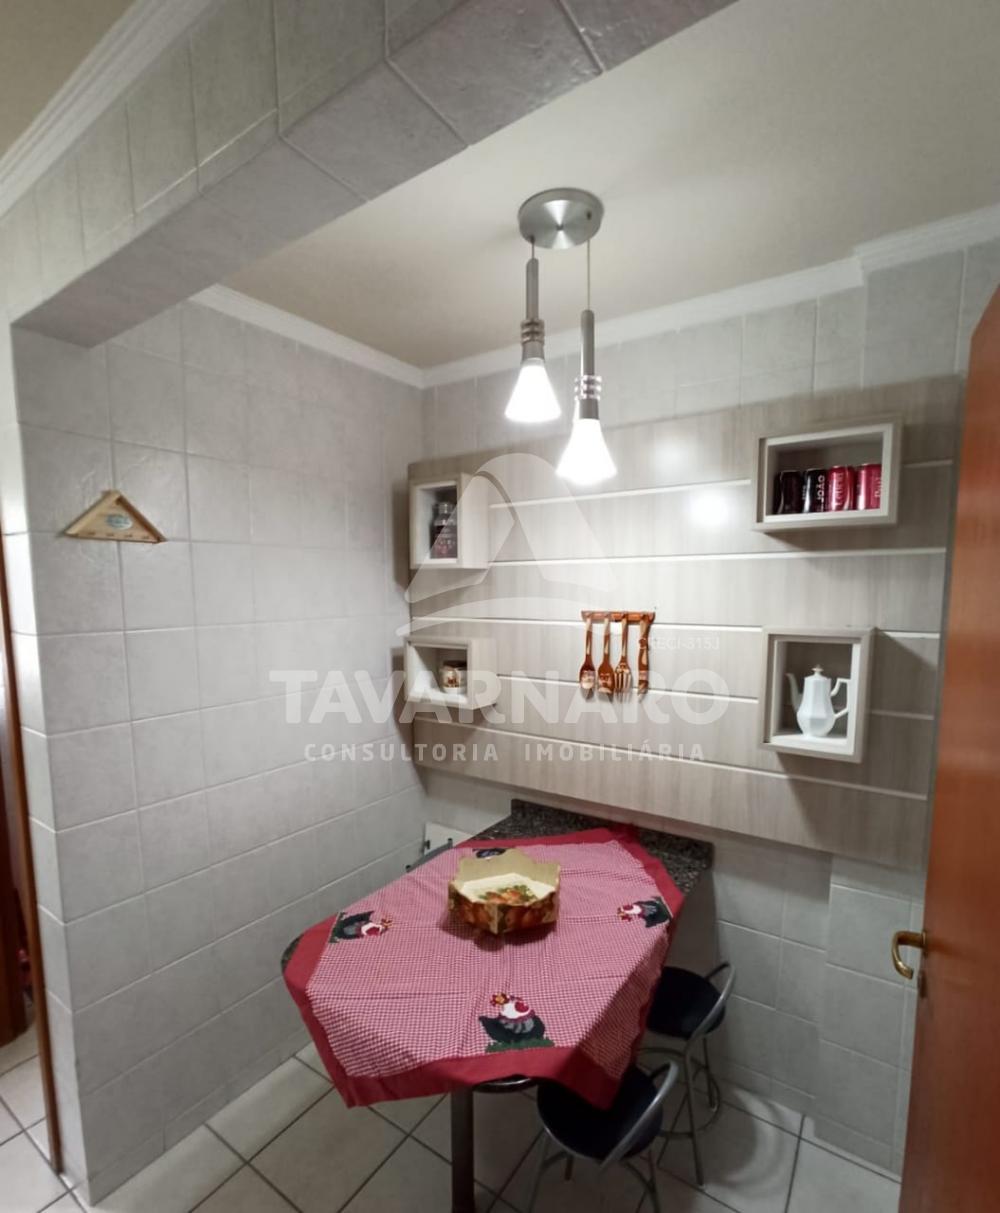 Comprar Apartamento / Padrão em Ponta Grossa R$ 270.000,00 - Foto 16